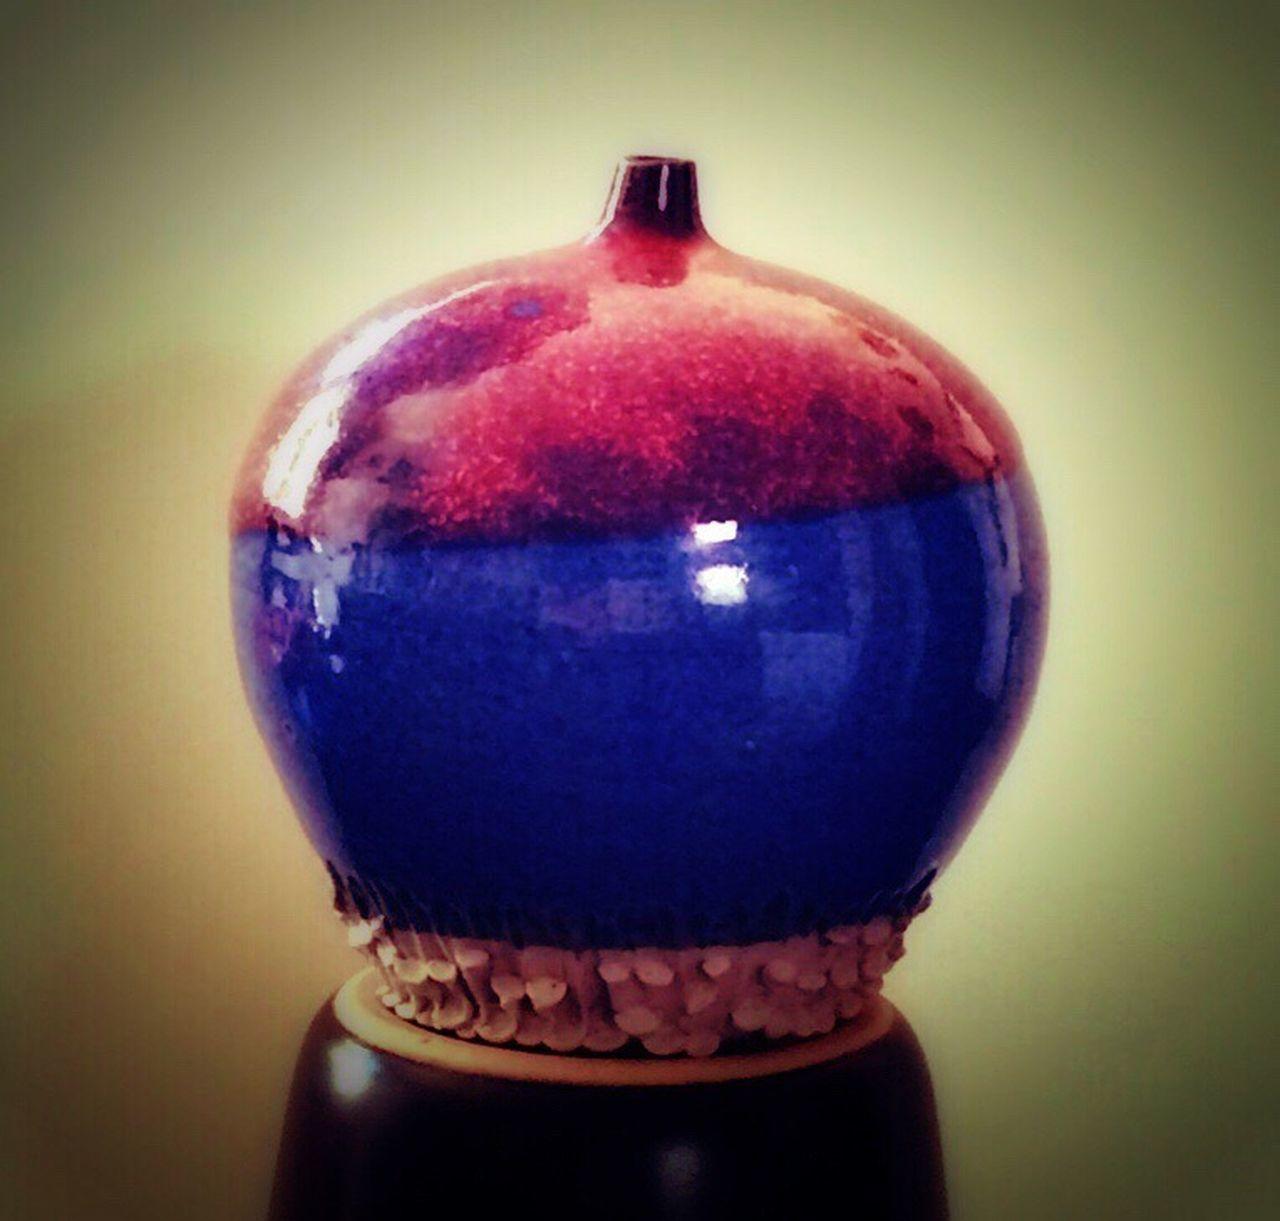 Porcelain  Ceramic Vase Art No People Indoors  Vignette Close-up Studio Shot Day My Handthrown Miniature Color Red Blue Glazed